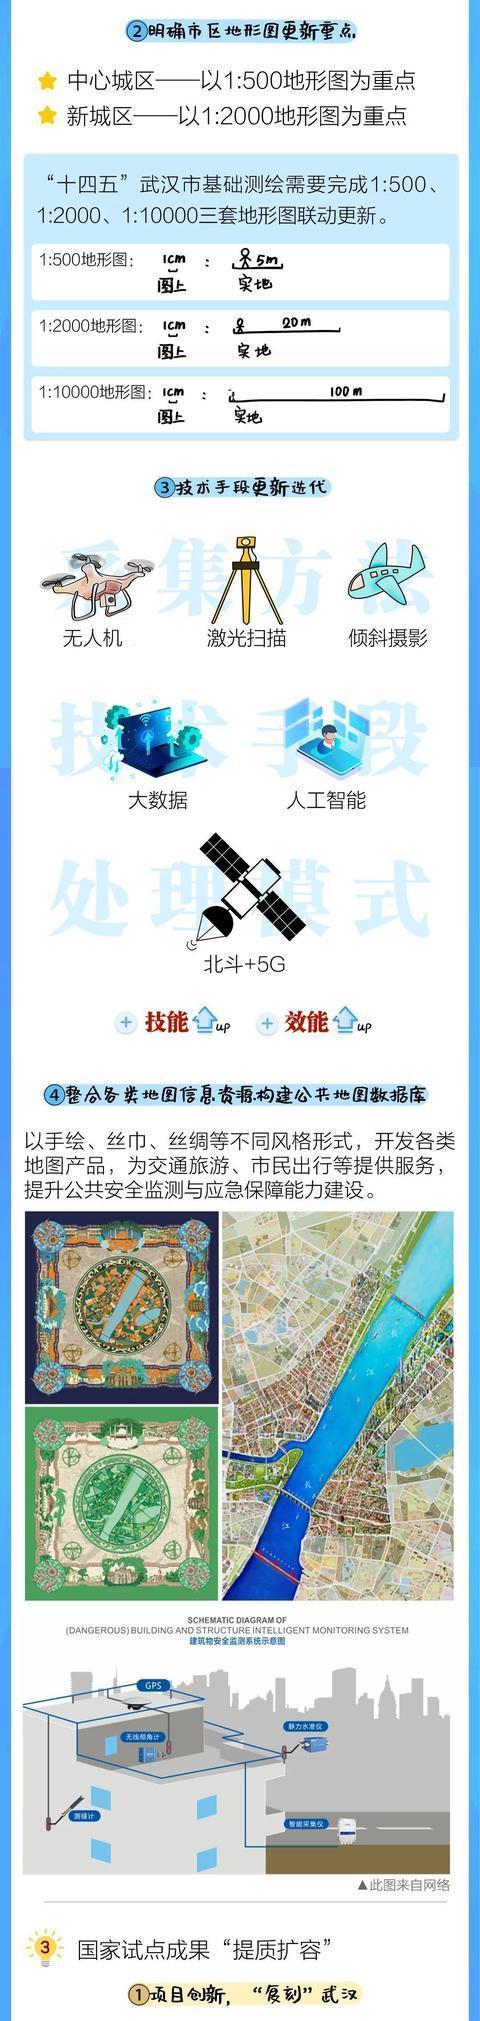 《武汉市基础测绘十四五计划》发表,今后五年武汉将这样做!|一图读。 第9张